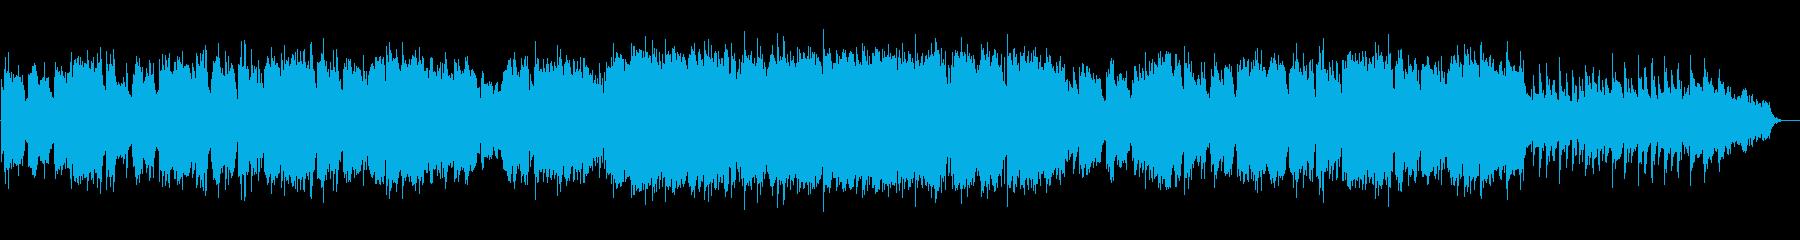 【篠笛生演奏】美しく感動的な和風バラードの再生済みの波形